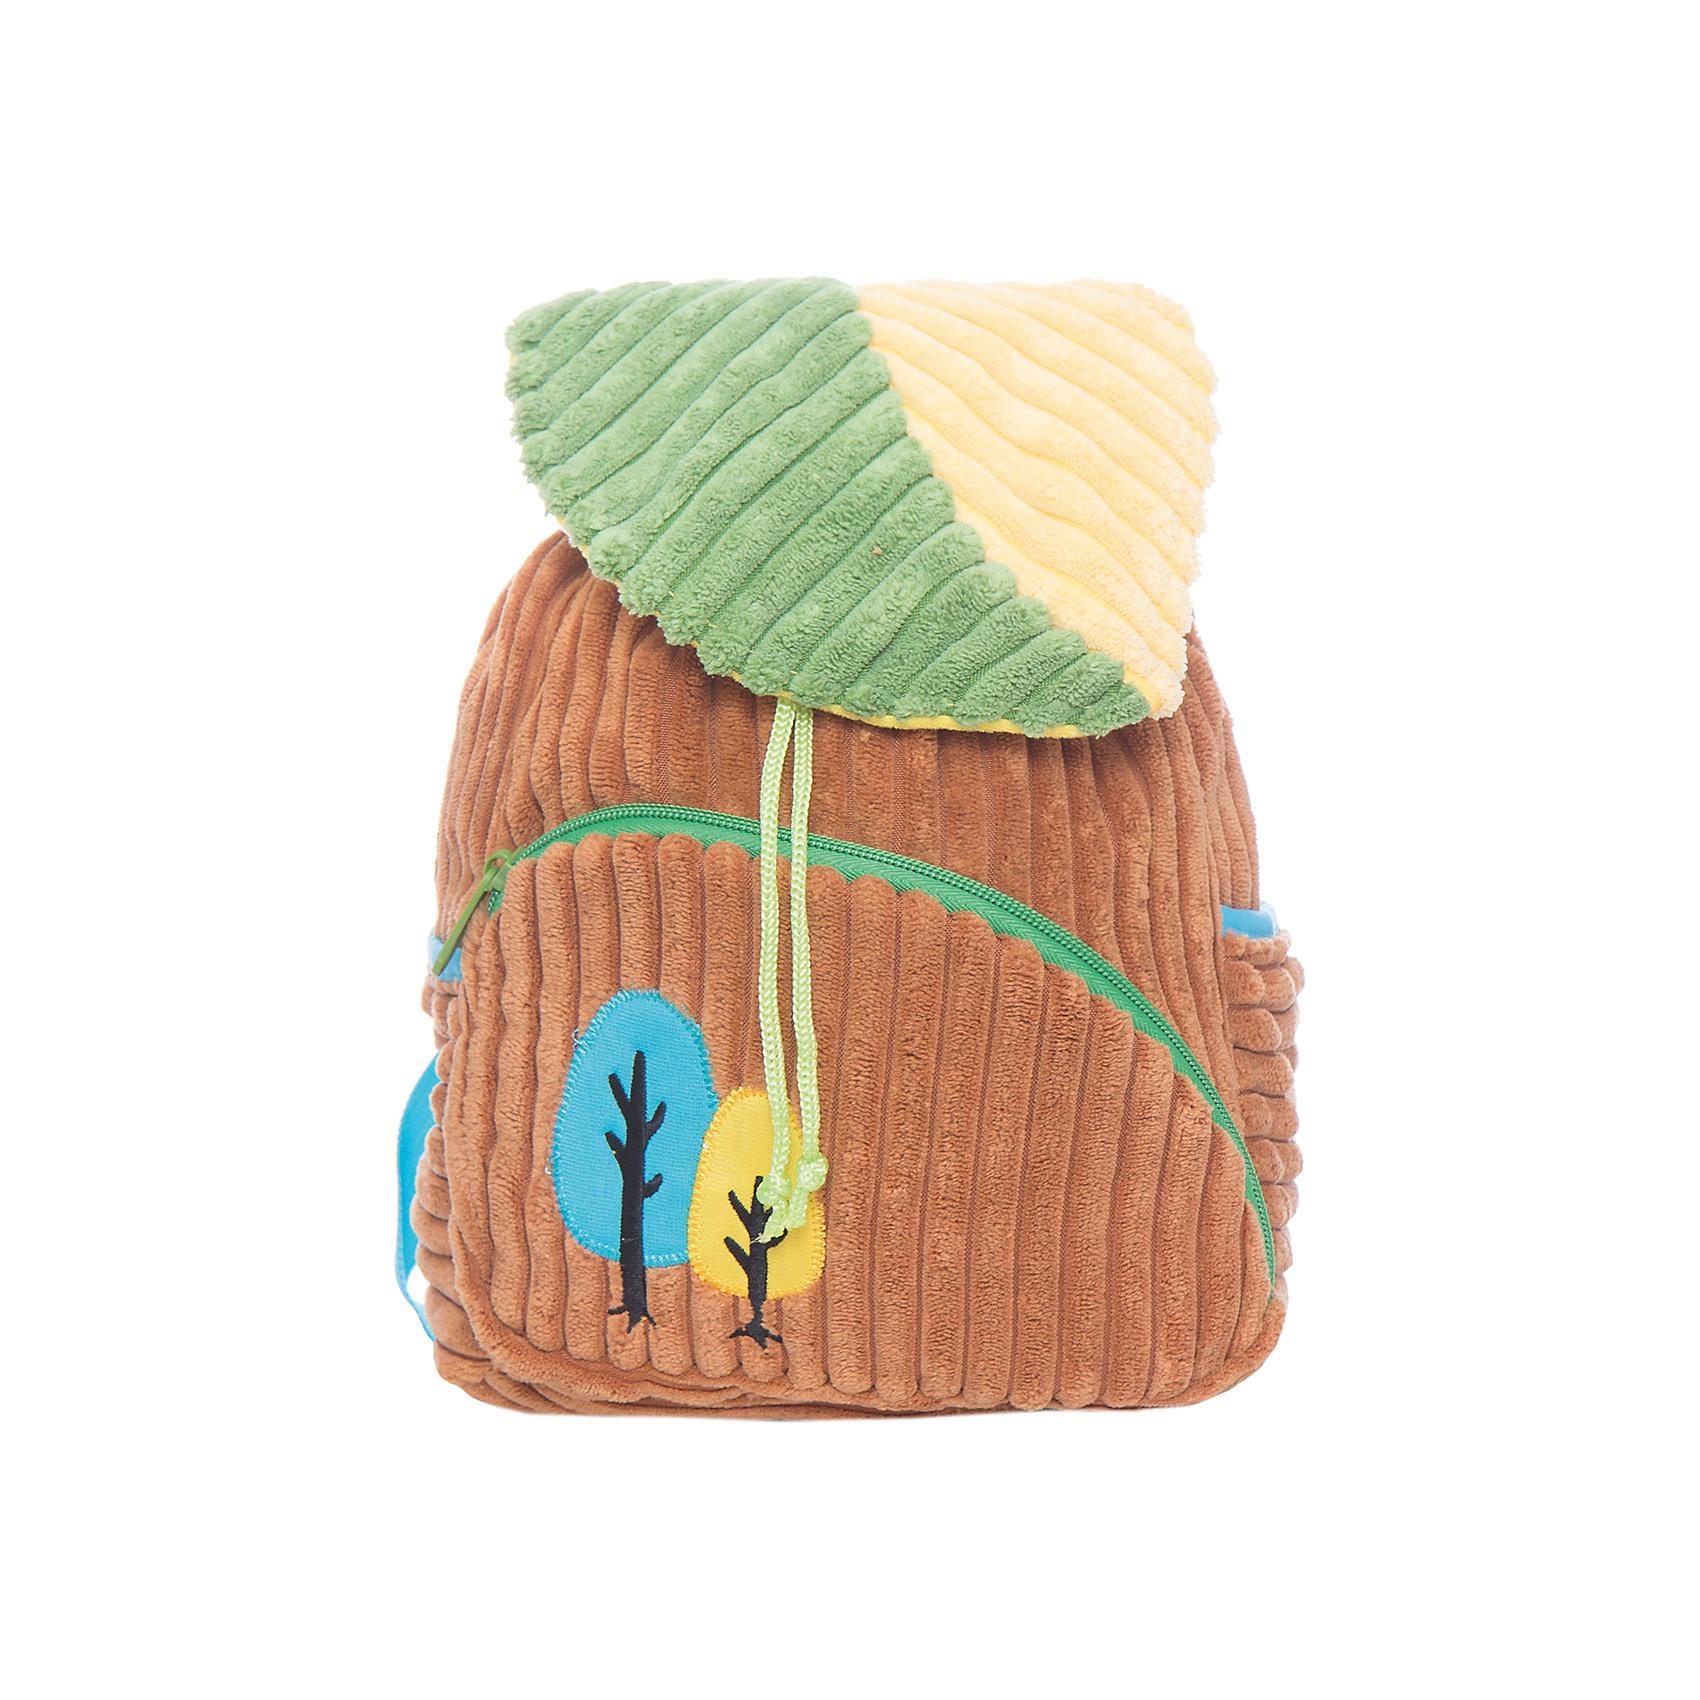 Рюкзачок Лес, бежево-зеленый,  20*28 см.Детские рюкзаки<br>Рюкзачок Лес, бежево-зеленый,  20*28 см., Shantou Gepai (Шанту Гепаи)<br><br>Характеристики:<br><br>• легкий и удобный<br>• оригинальный дизайн<br>• регулируемые лямки<br>• карман на молнии<br>• боковые кармашки<br>• размер: 20х28х8см<br>• материал: искусственный мех, текстиль, пластик<br>• размер упаковки: 20х28х6 см<br>• вес: 175 грамм<br><br>Рюкзачок Лес создан специально для малышей, которые любят брать любимые игрушки в гости или на прогулку. Модель выполнена в оригинальном дизайне, изображающем деревья и листик. Основное отделение рюкзака утягивается ремешком и закрывается верхним клапаном в виде листика. Для нужных мелочей предусмотрен передний карман на молнии и два боковых кармашка. Лямки рюкзачка регулируются по росту ребенка.<br><br>Рюкзачок Лес, бежево-зеленый,  20*28 см., Shantou Gepai (Шанту Гепаи) можно купить в нашем интернет-магазине.<br><br>Ширина мм: 200<br>Глубина мм: 280<br>Высота мм: 600<br>Вес г: 175<br>Возраст от месяцев: 36<br>Возраст до месяцев: 2147483647<br>Пол: Унисекс<br>Возраст: Детский<br>SKU: 5508543